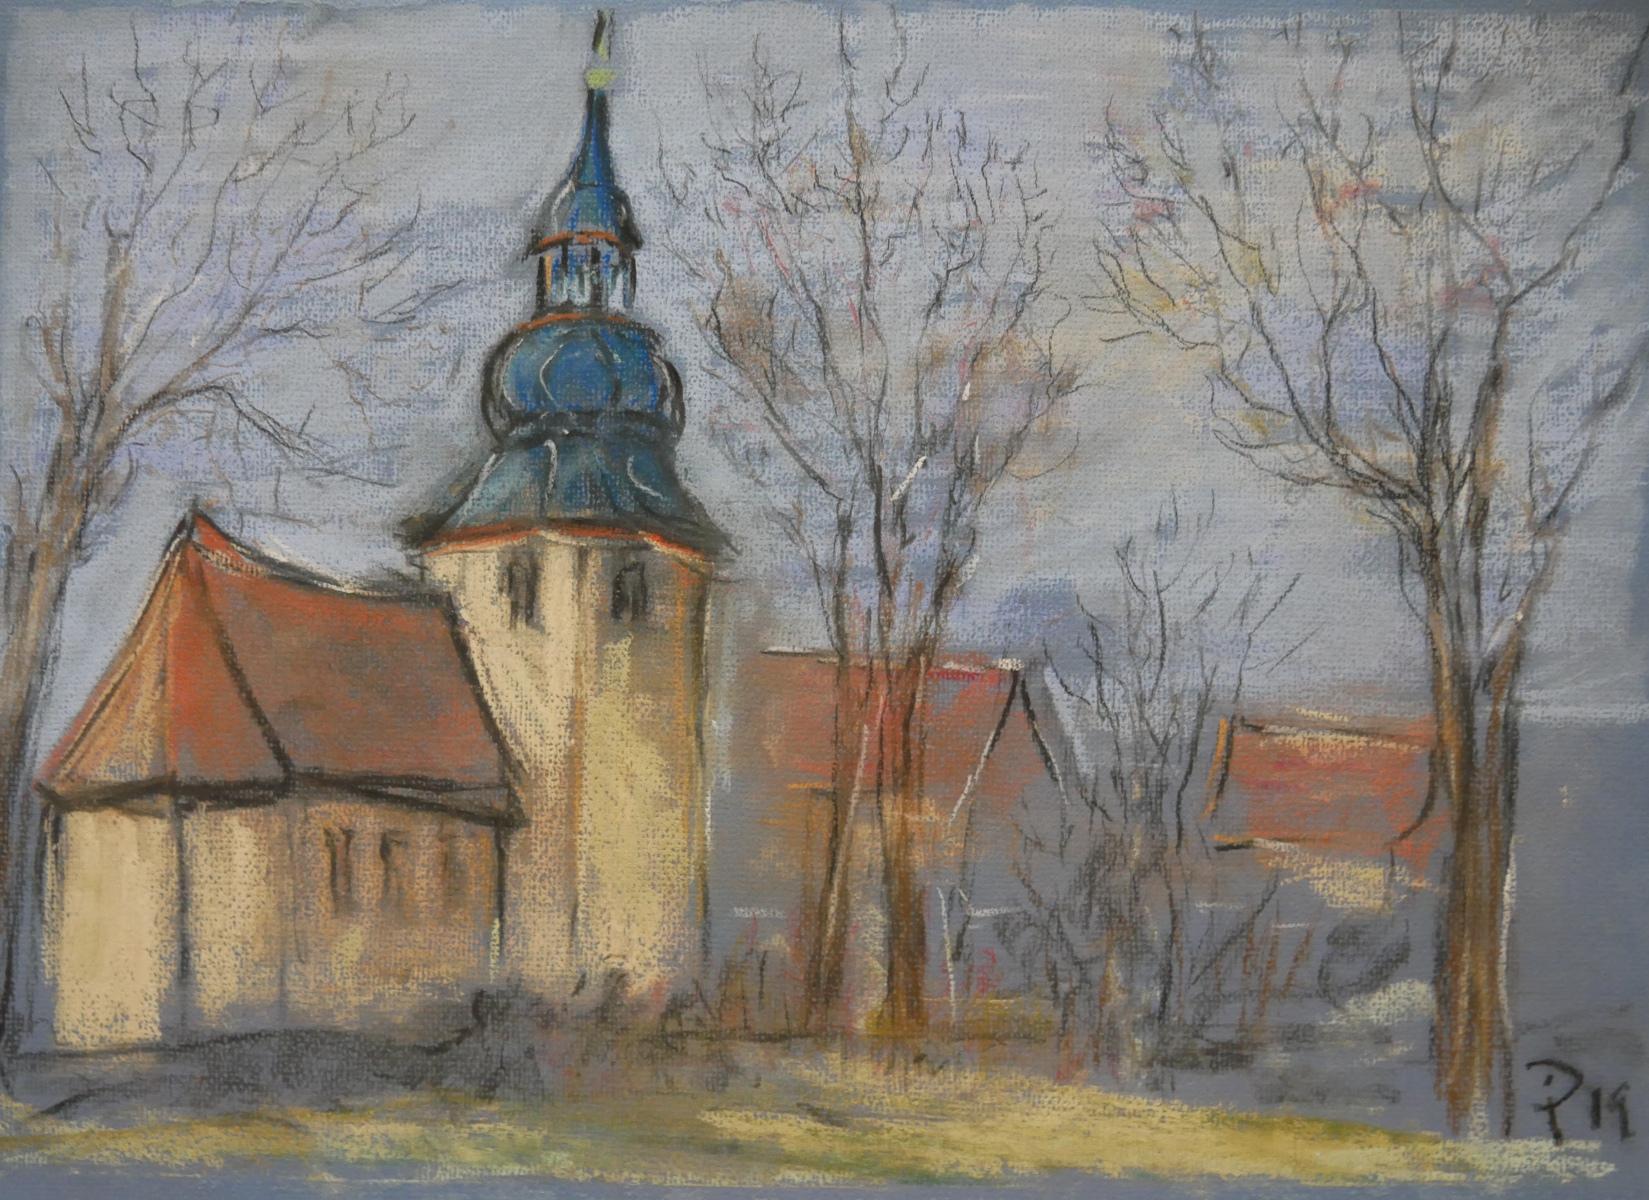 Tiefurt: Kirche, Pastellmalerei Ingrid Prager